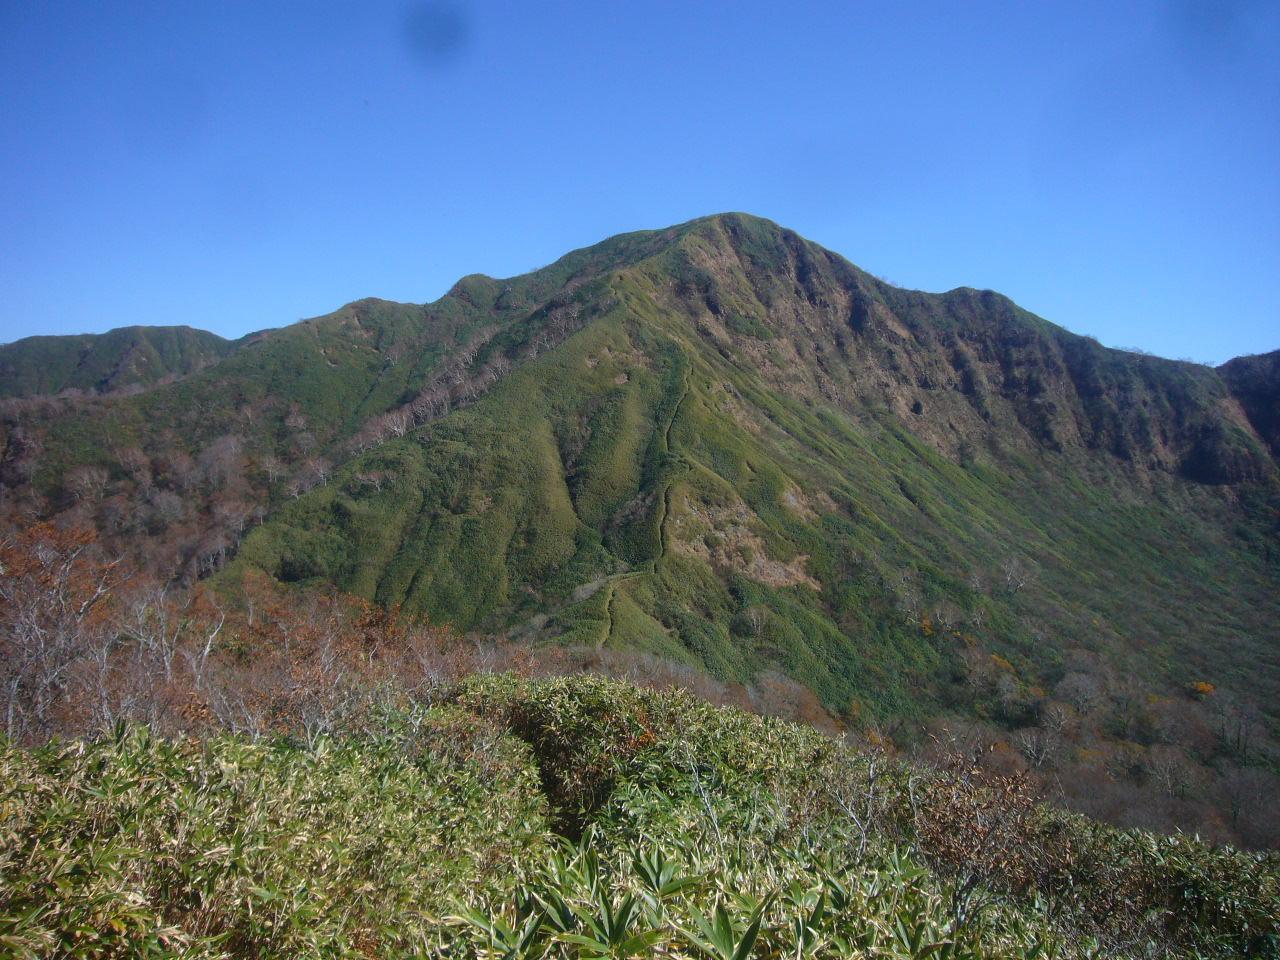 杓子岳の下りから経ヶ岳 H26.10.29撮影